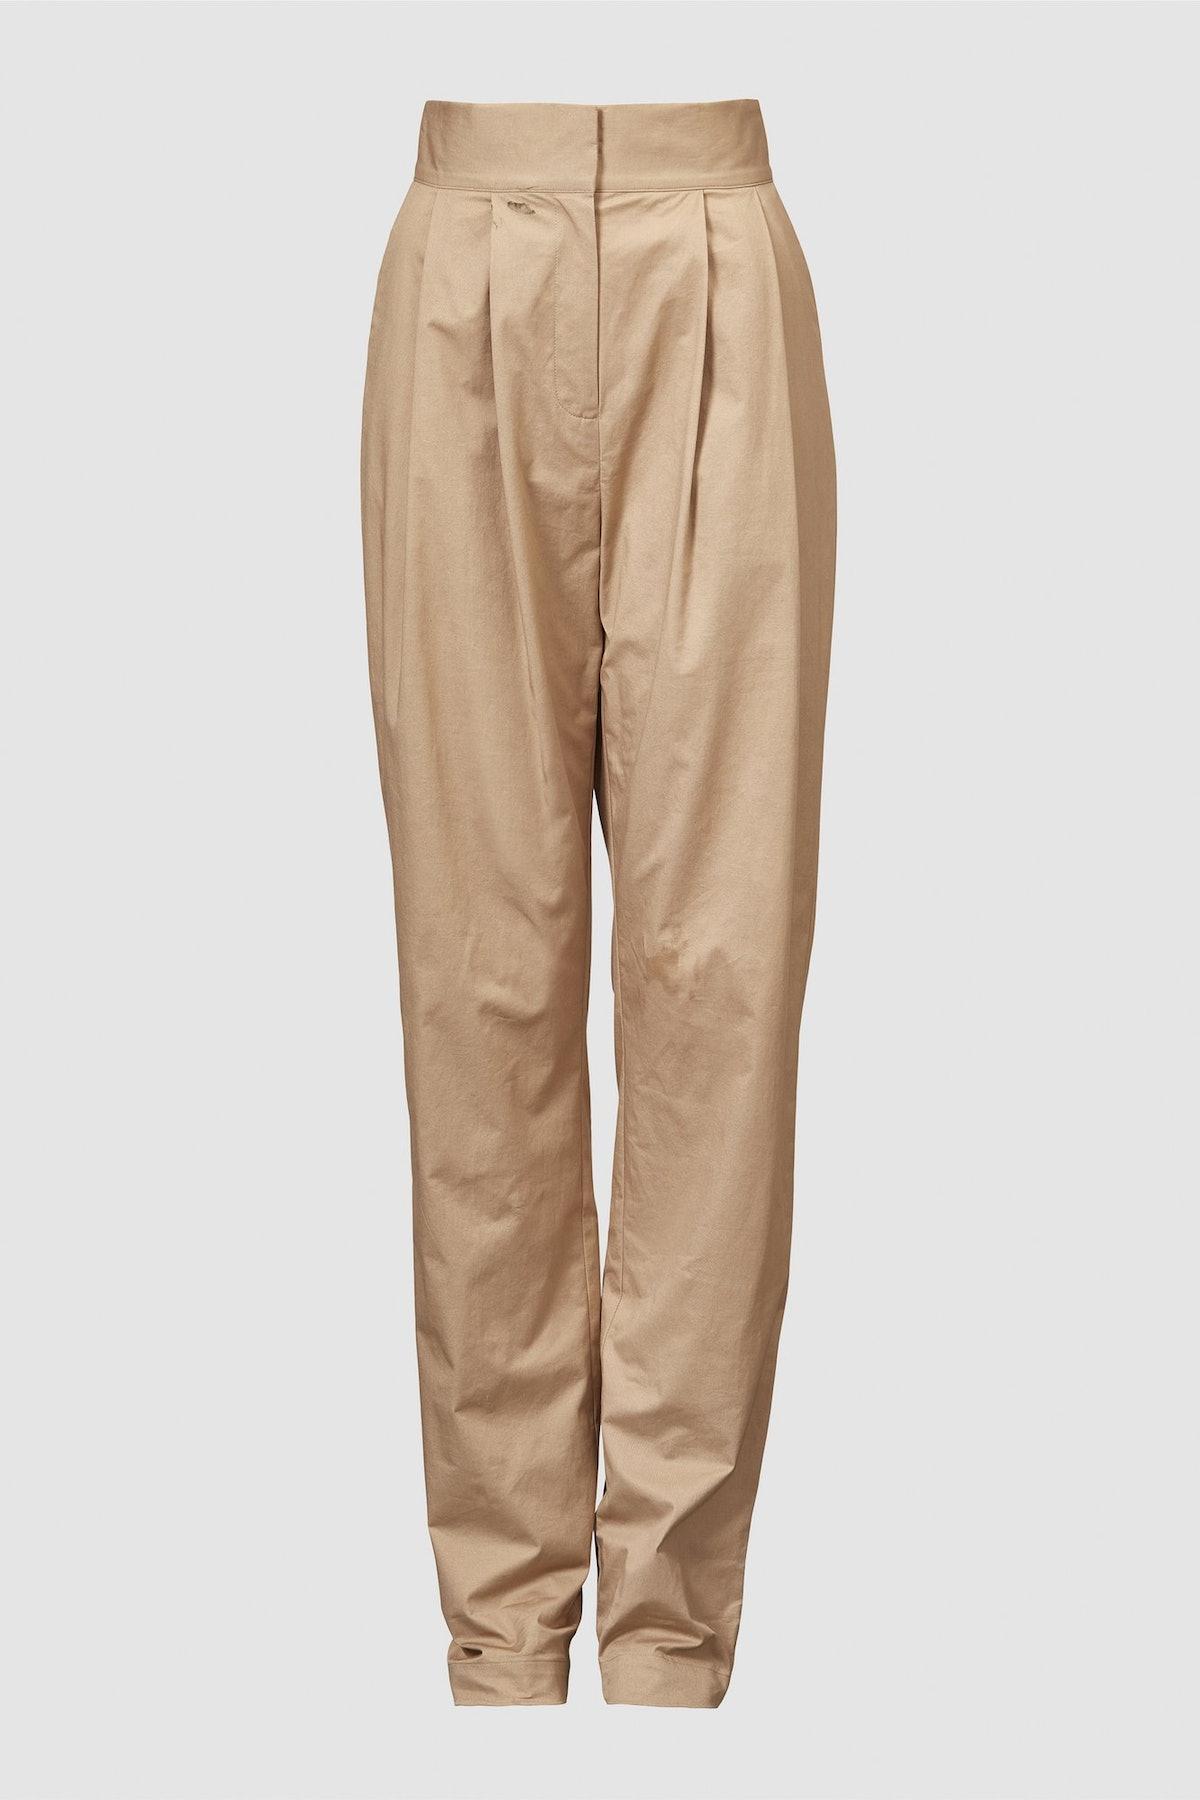 Lourdes Organic Cotton Trouser